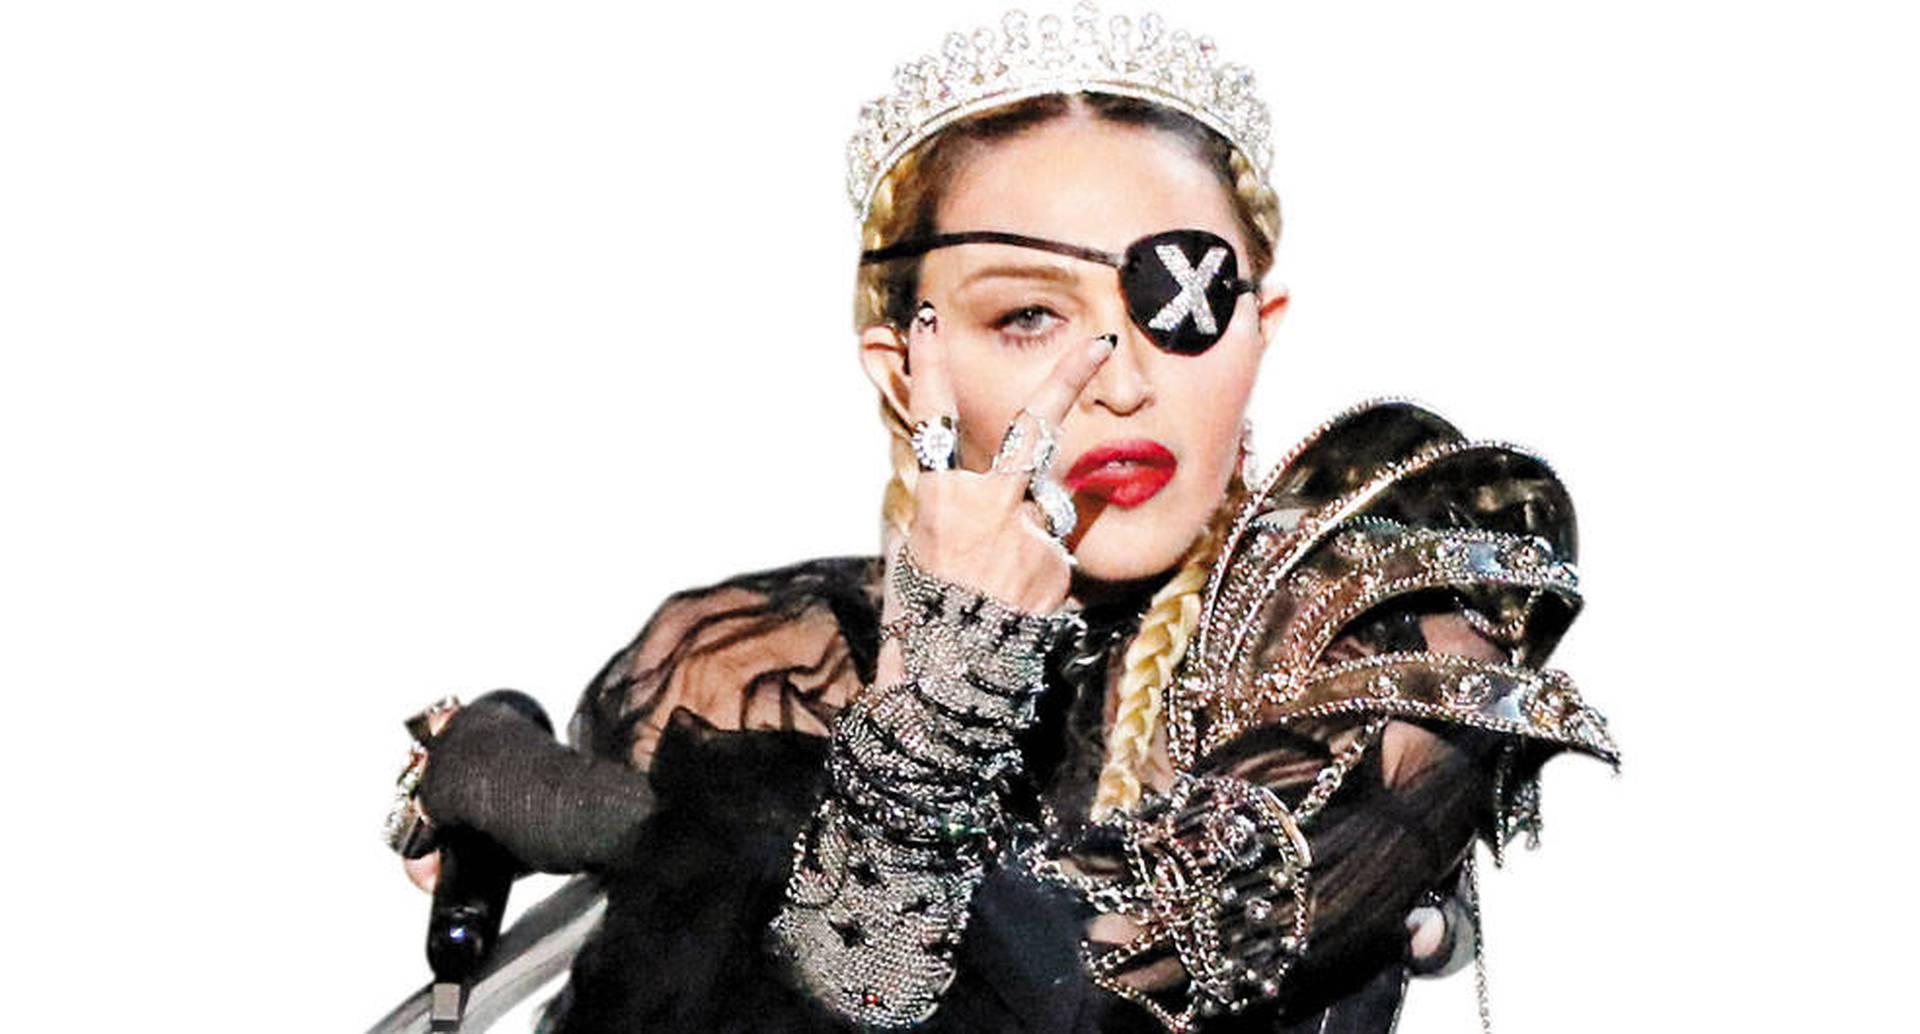 En este disco, Madonna canta en tres idiomas y colabora con artistas de todo el mundo,En este disco, Madonna canta en tres idiomas y colabora con artistas de todo el mundo, como Maluma. Ya anunció que habrá una gira, la cual comenzará en septiembre.Maluma. Ya anunció que habrá una gira, la cual comenzará en septiembre.